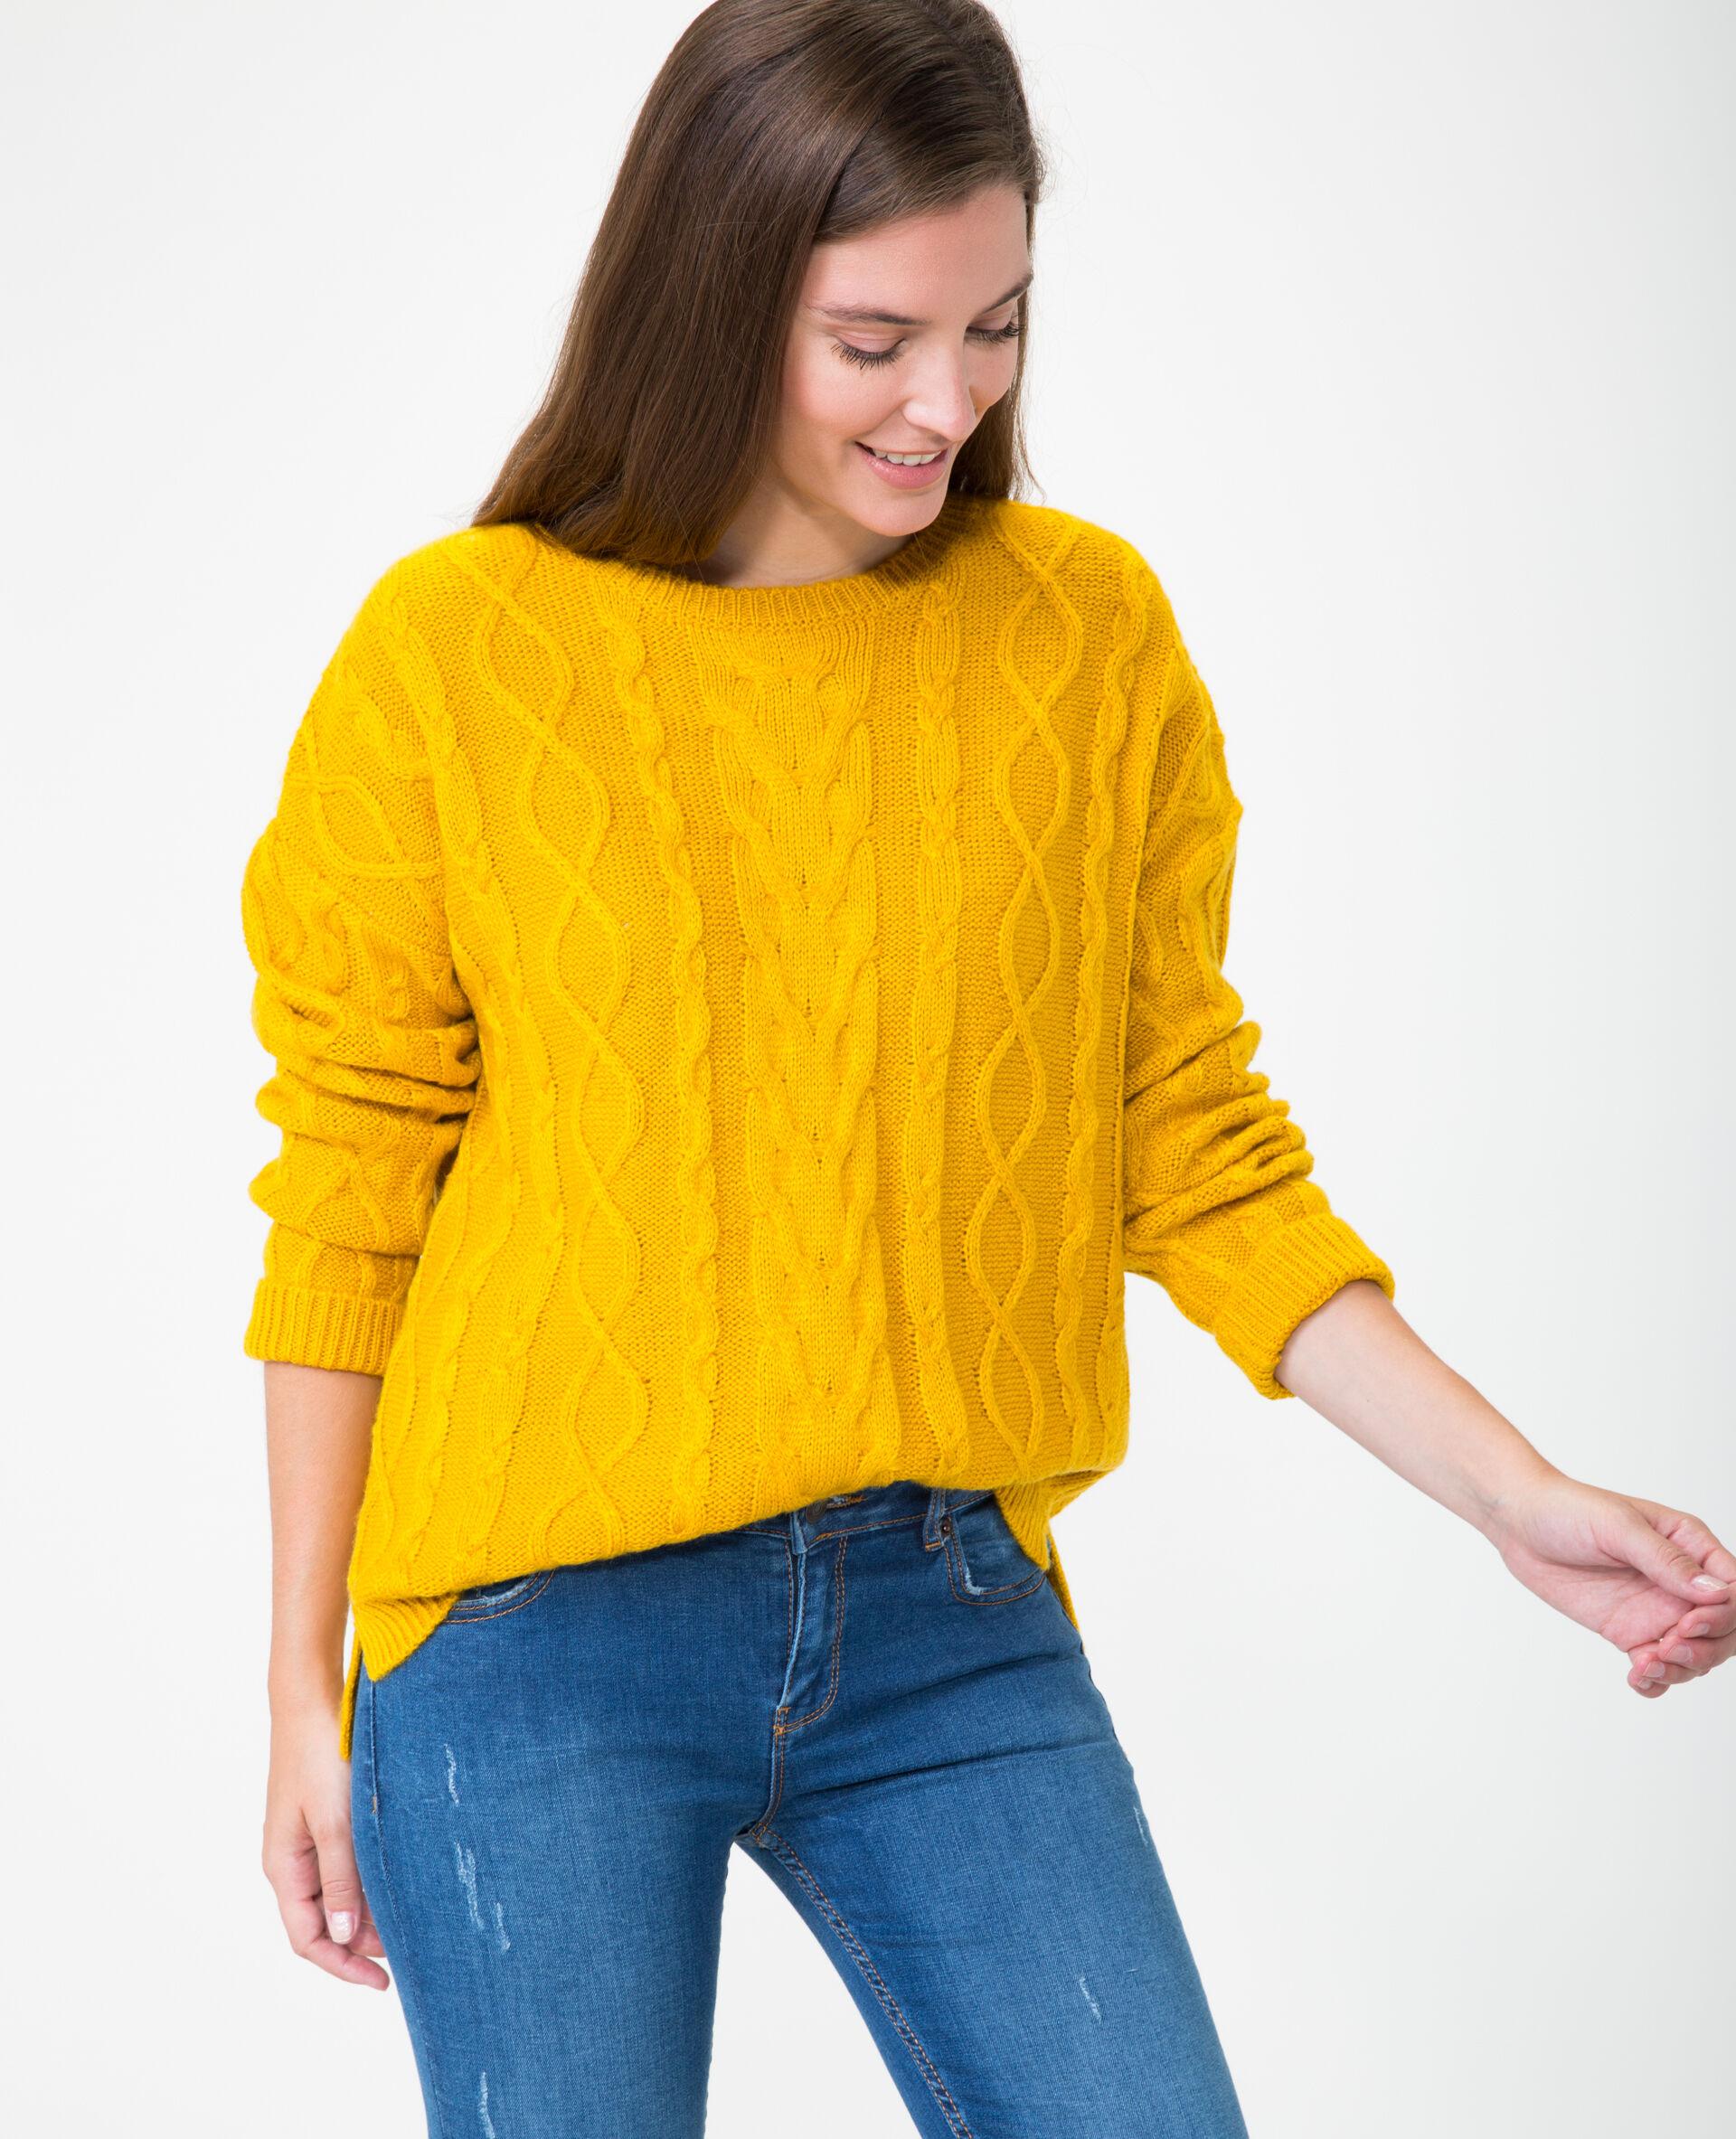 ✅Pull torsadé Femme - Couleur jaune - Taille XL - PIMKIE - MODE FEMME